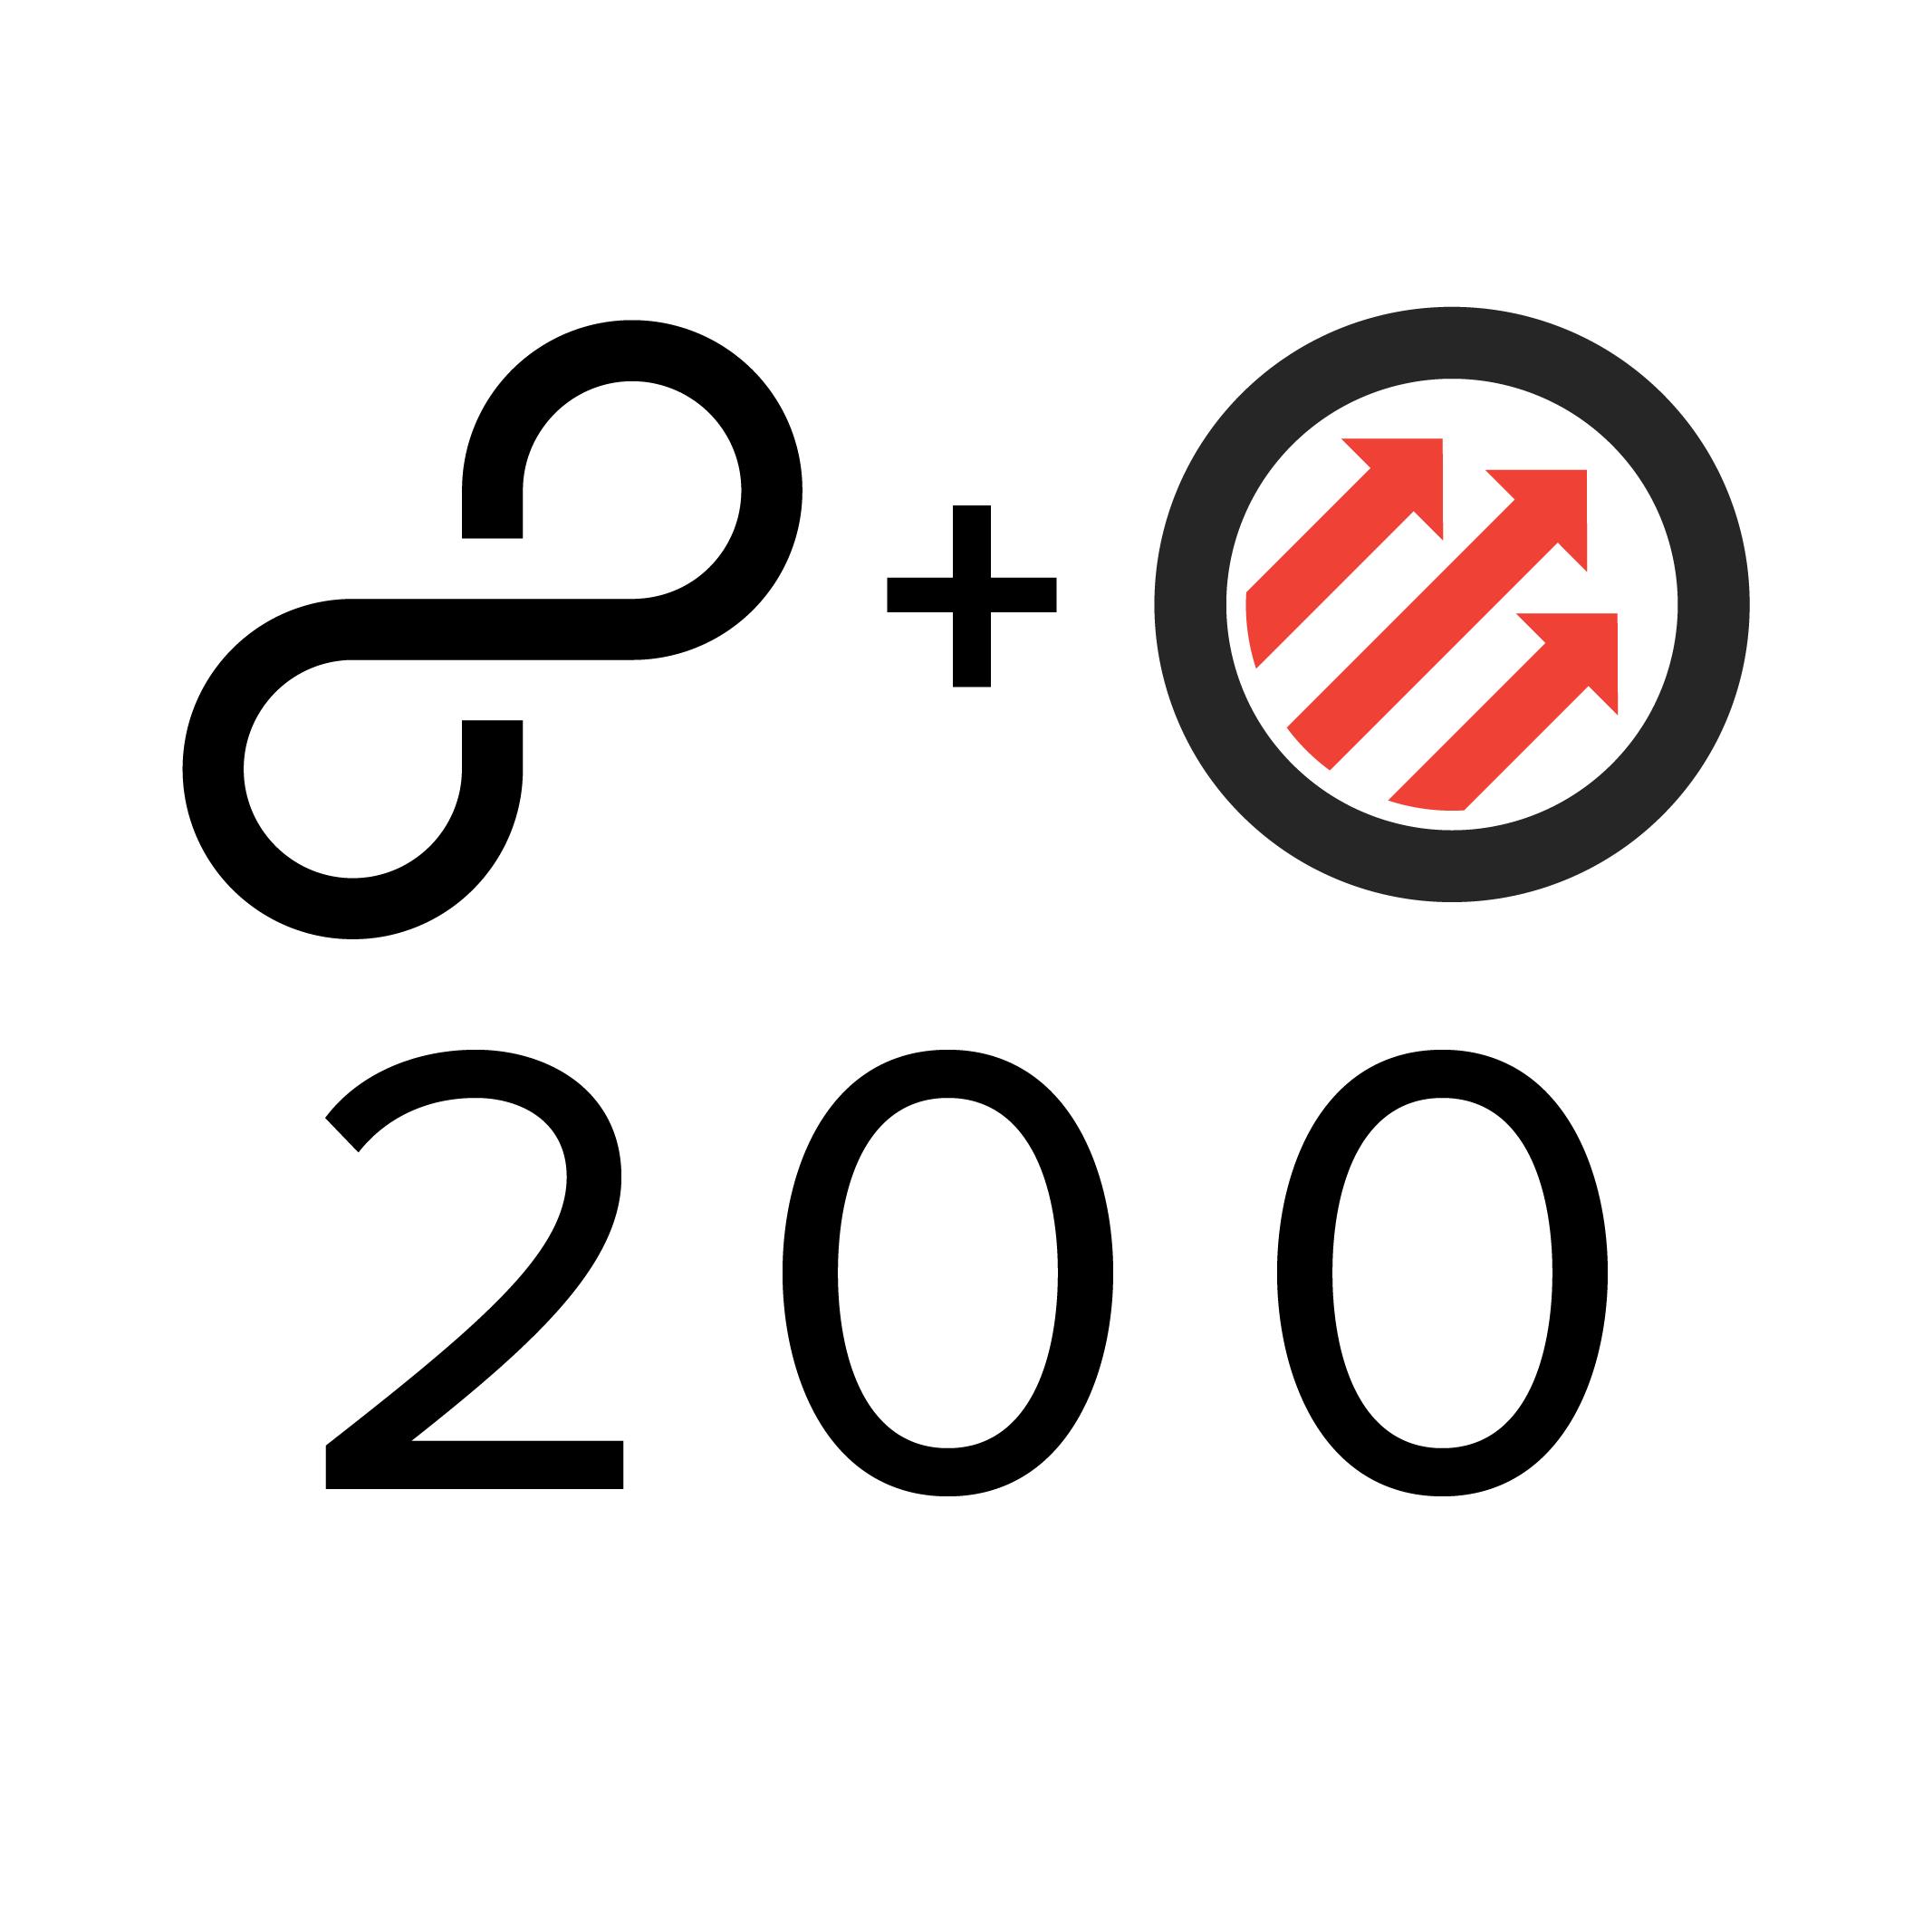 Pitchfork200-03.png